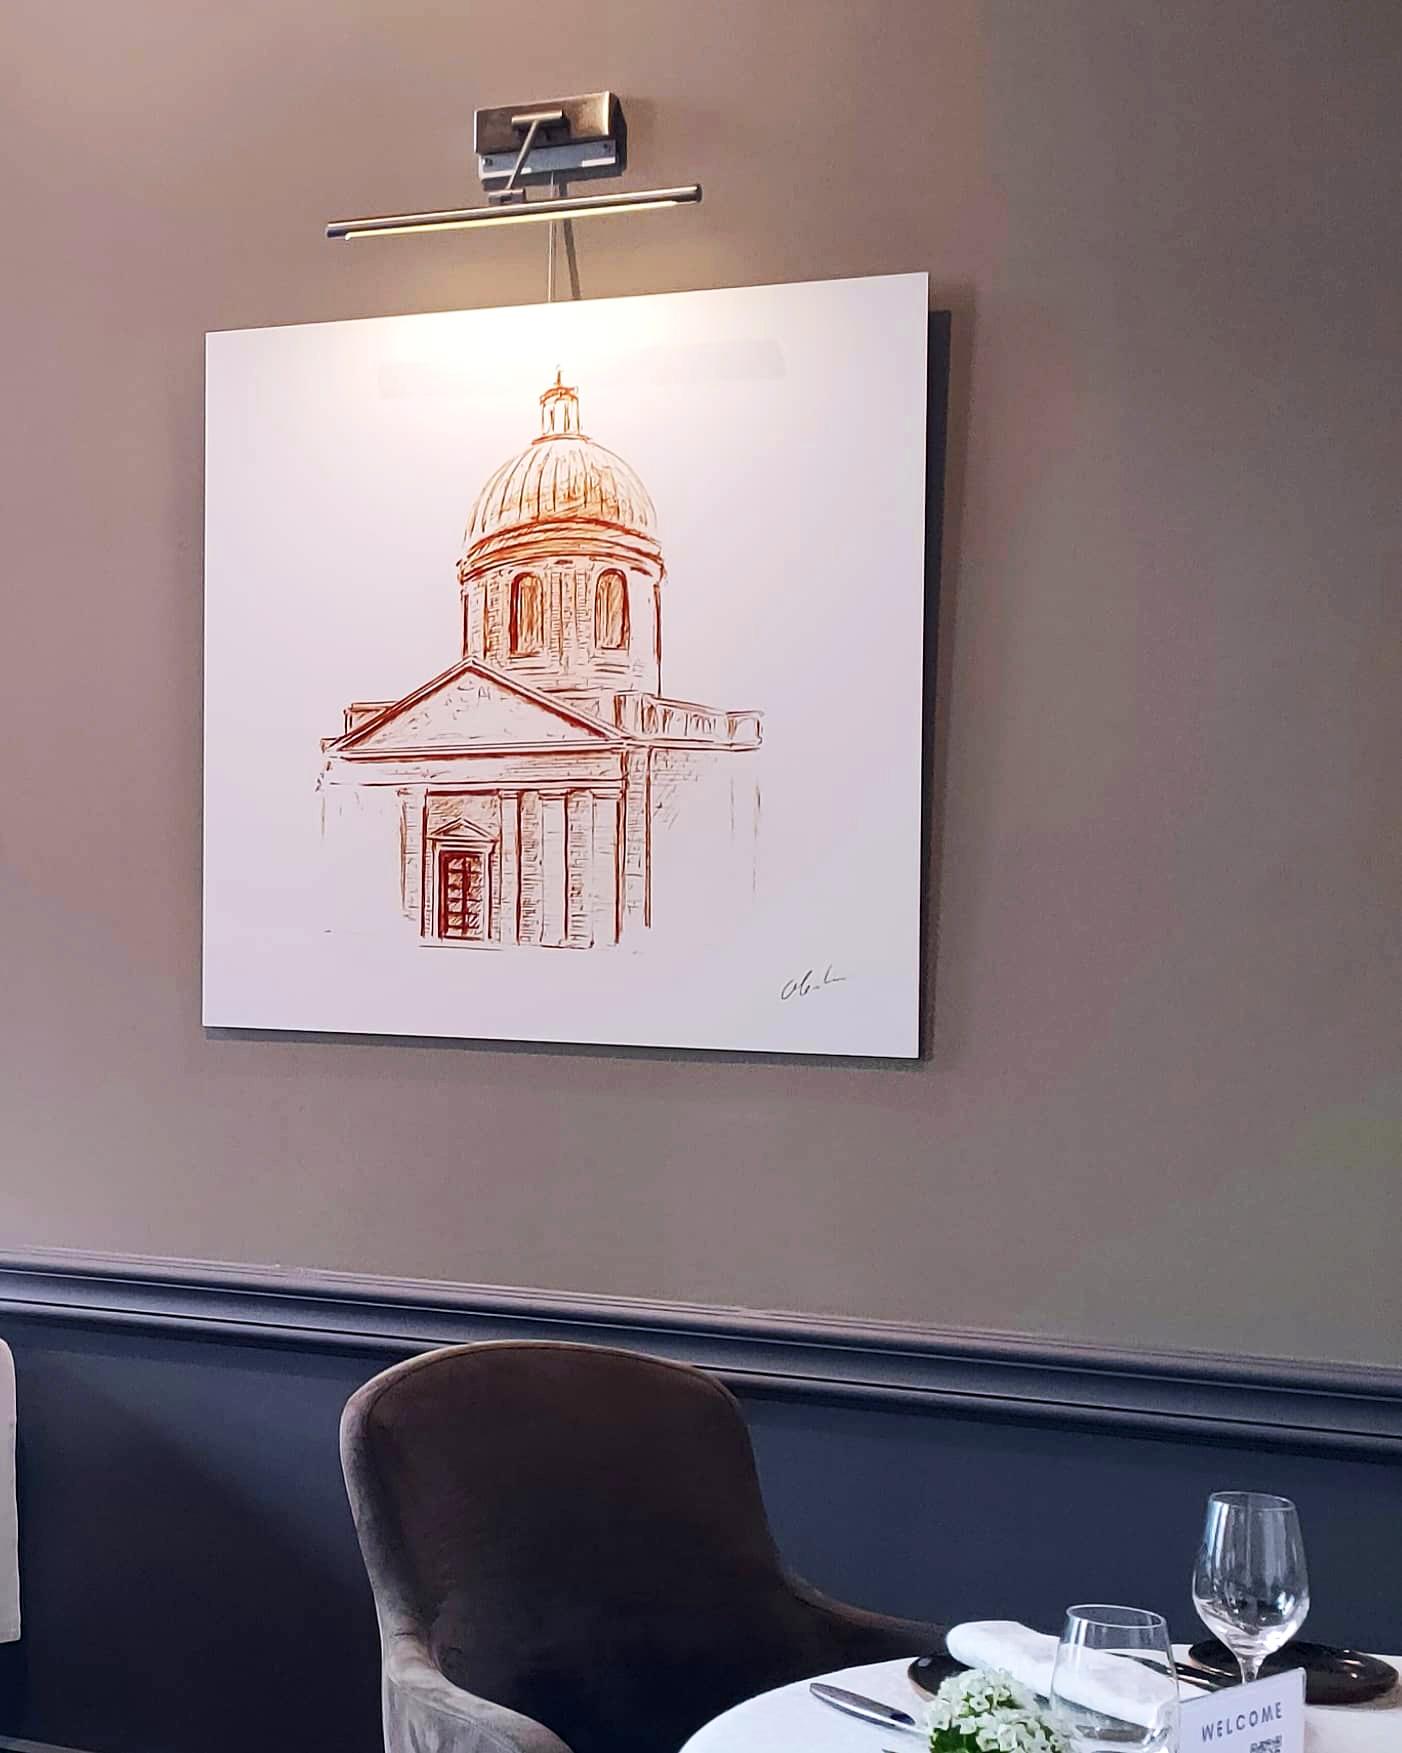 """Photographie du dessin intitulé """"Le Dôme de la Grave"""" exposé au restaurant Le Cénacle de Toulouse"""